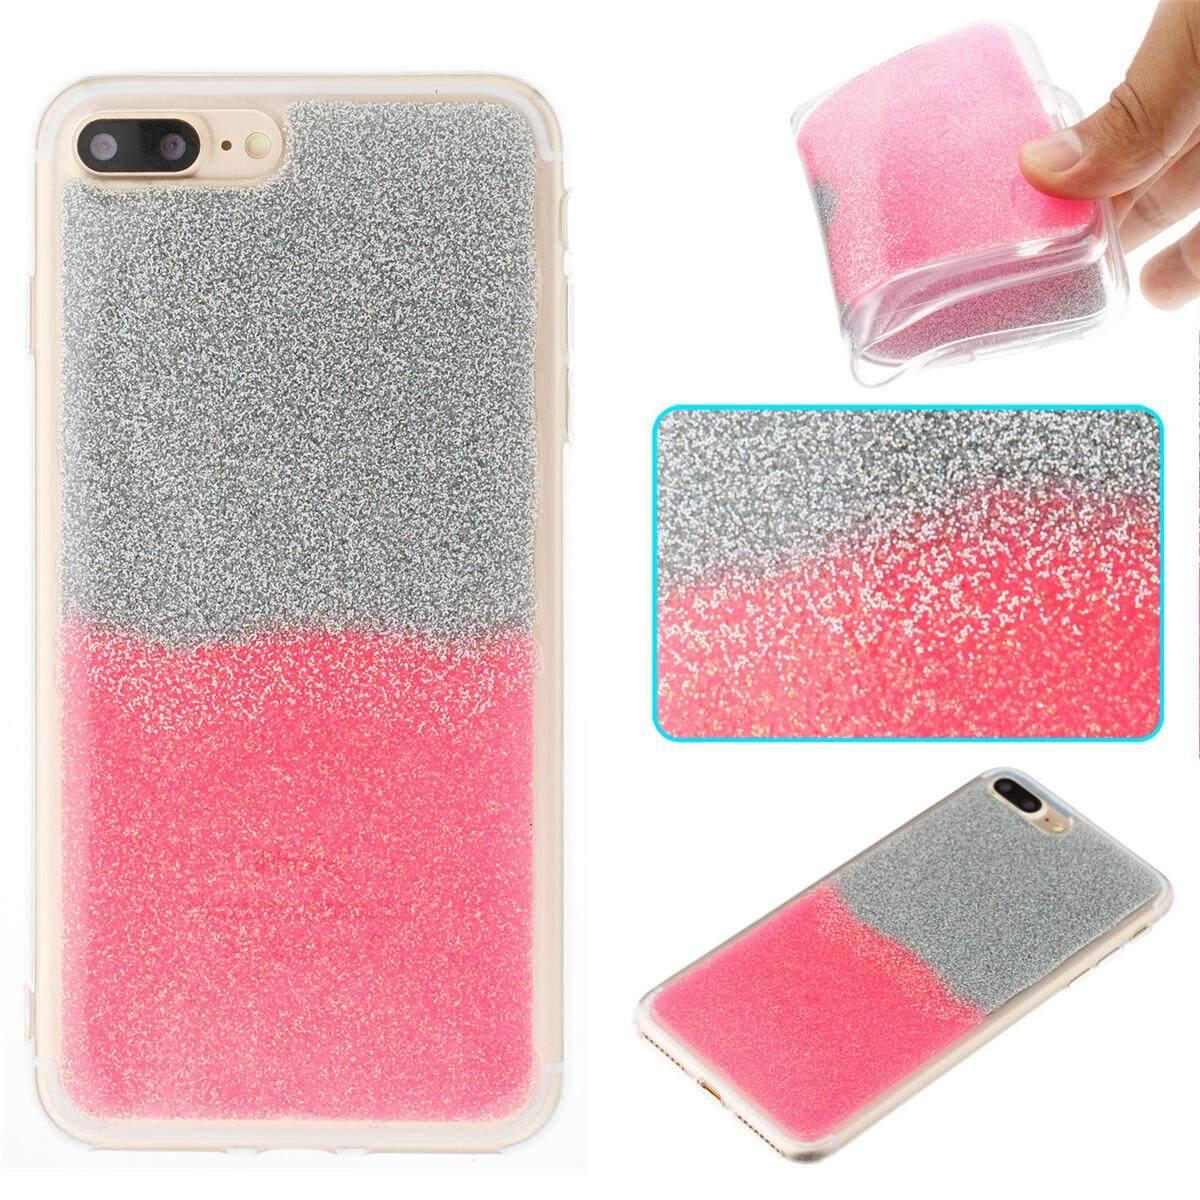 Moonmini untuk iPhone 7 Plus/Iphone 8 PLUS Dual Rambut Palsu Gradien TPU Casing Ponsel Modis Pelindung Penutup Belakang (Emas)